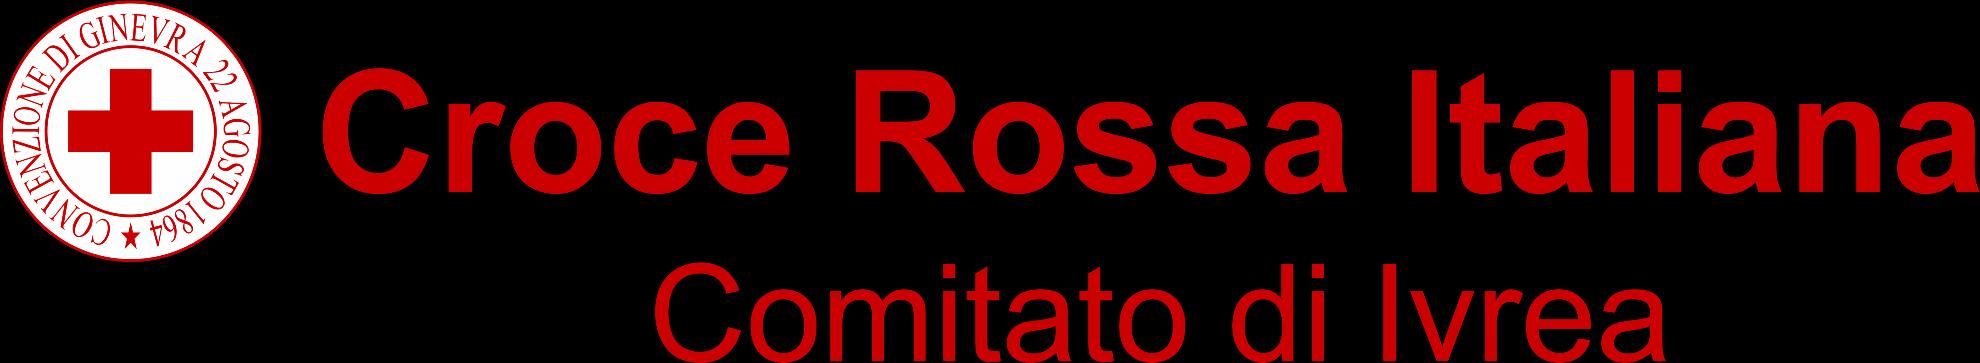 Croce Rossa Ivrea